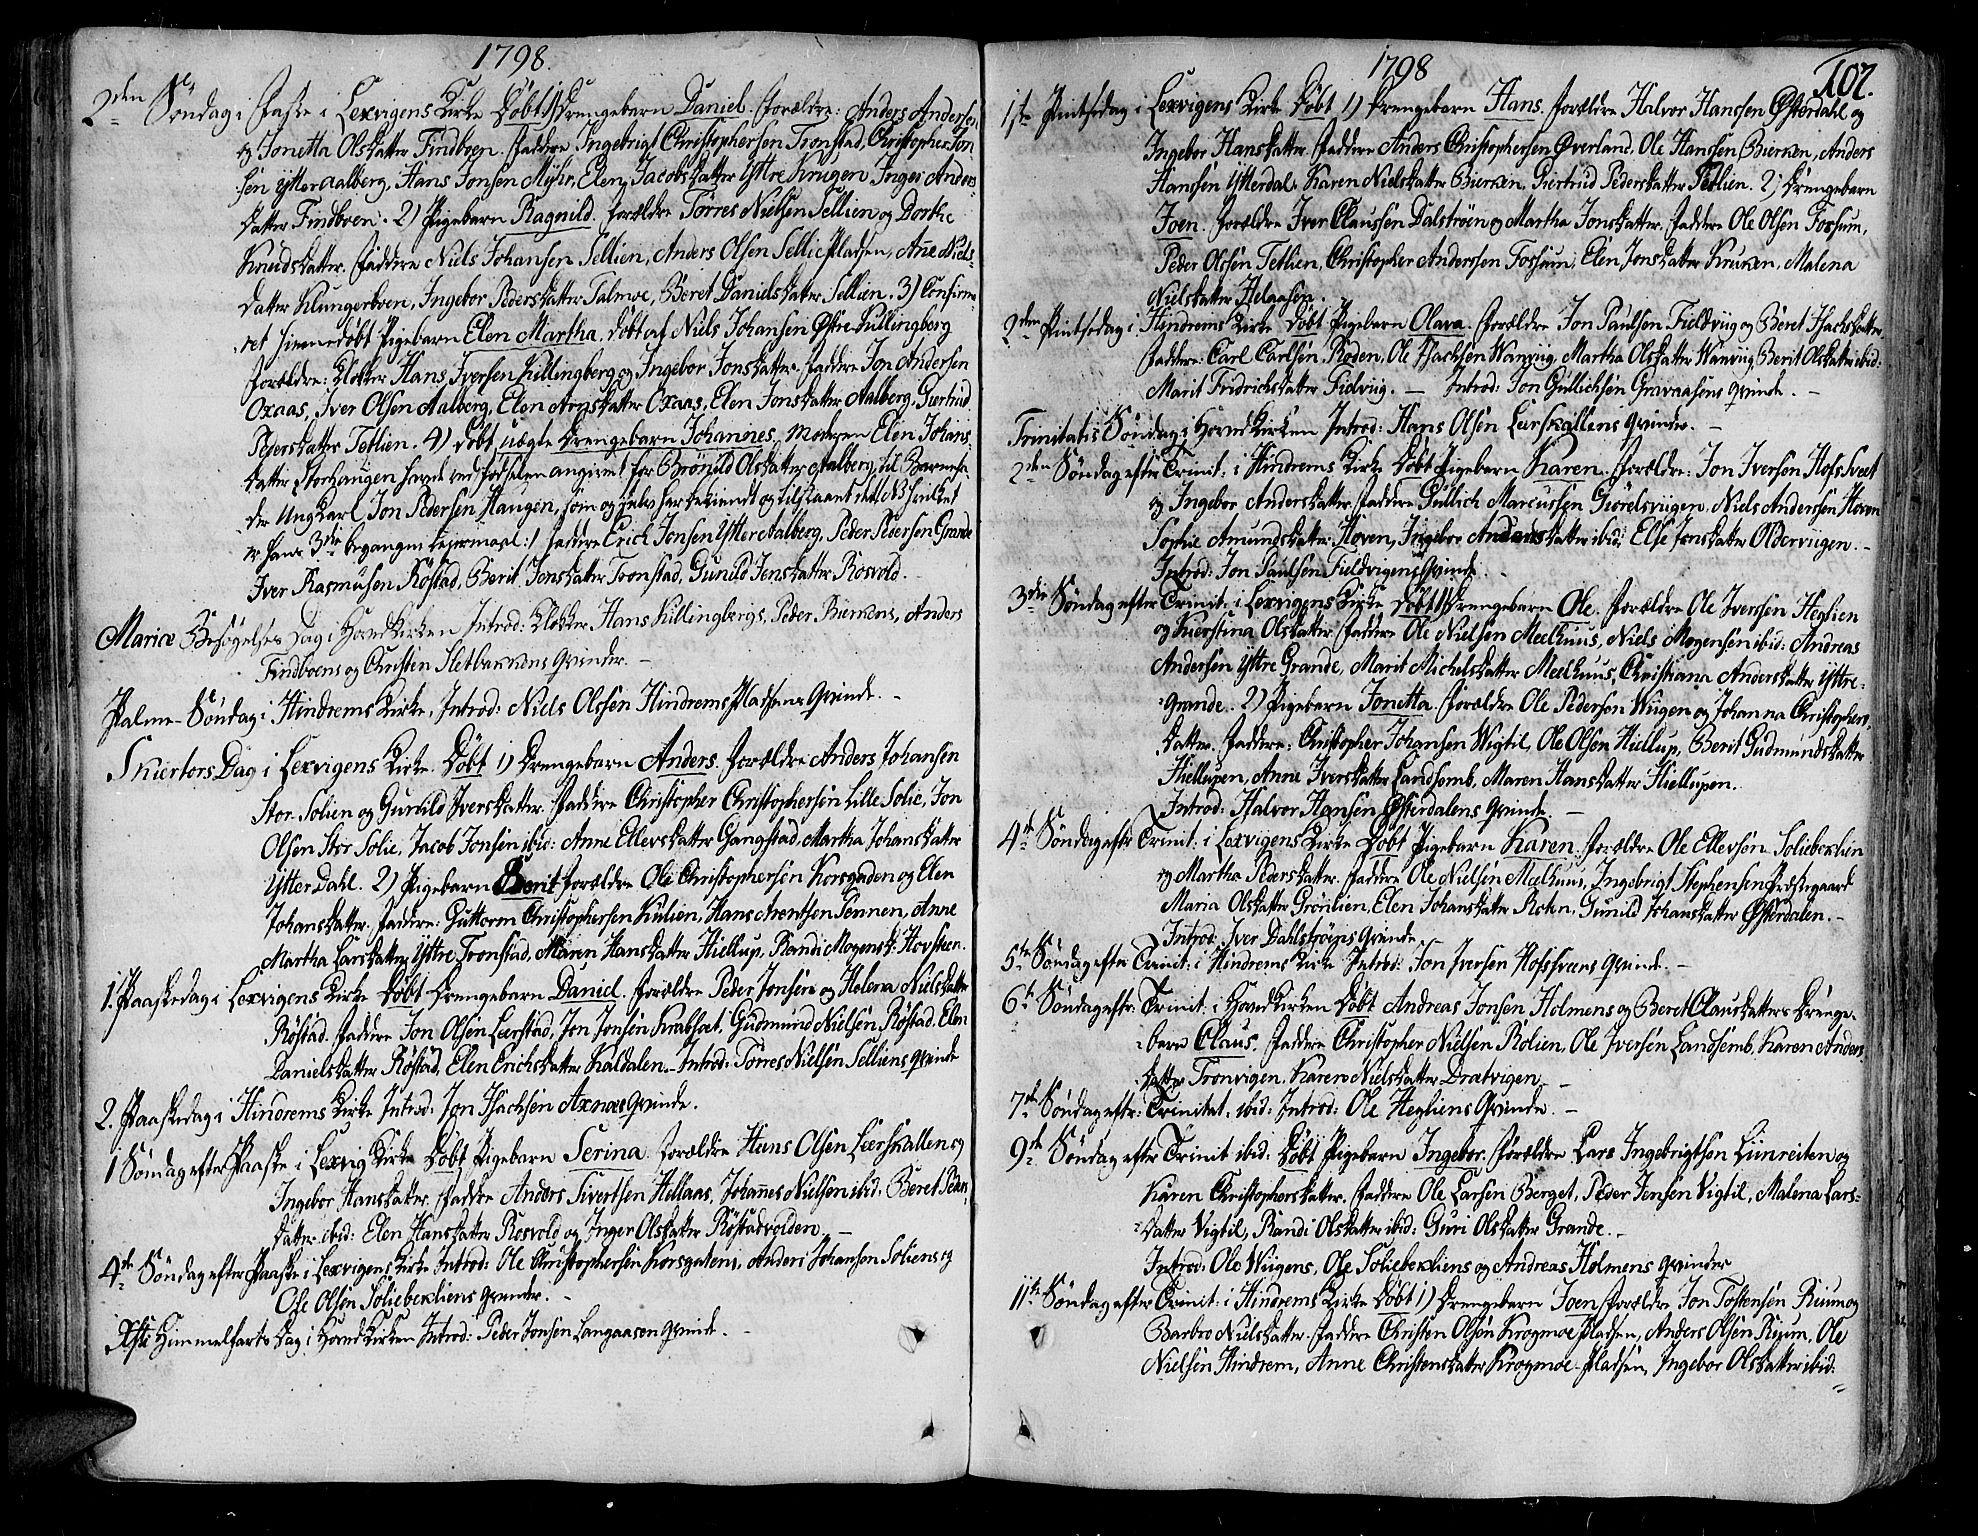 SAT, Ministerialprotokoller, klokkerbøker og fødselsregistre - Nord-Trøndelag, 701/L0004: Ministerialbok nr. 701A04, 1783-1816, s. 107